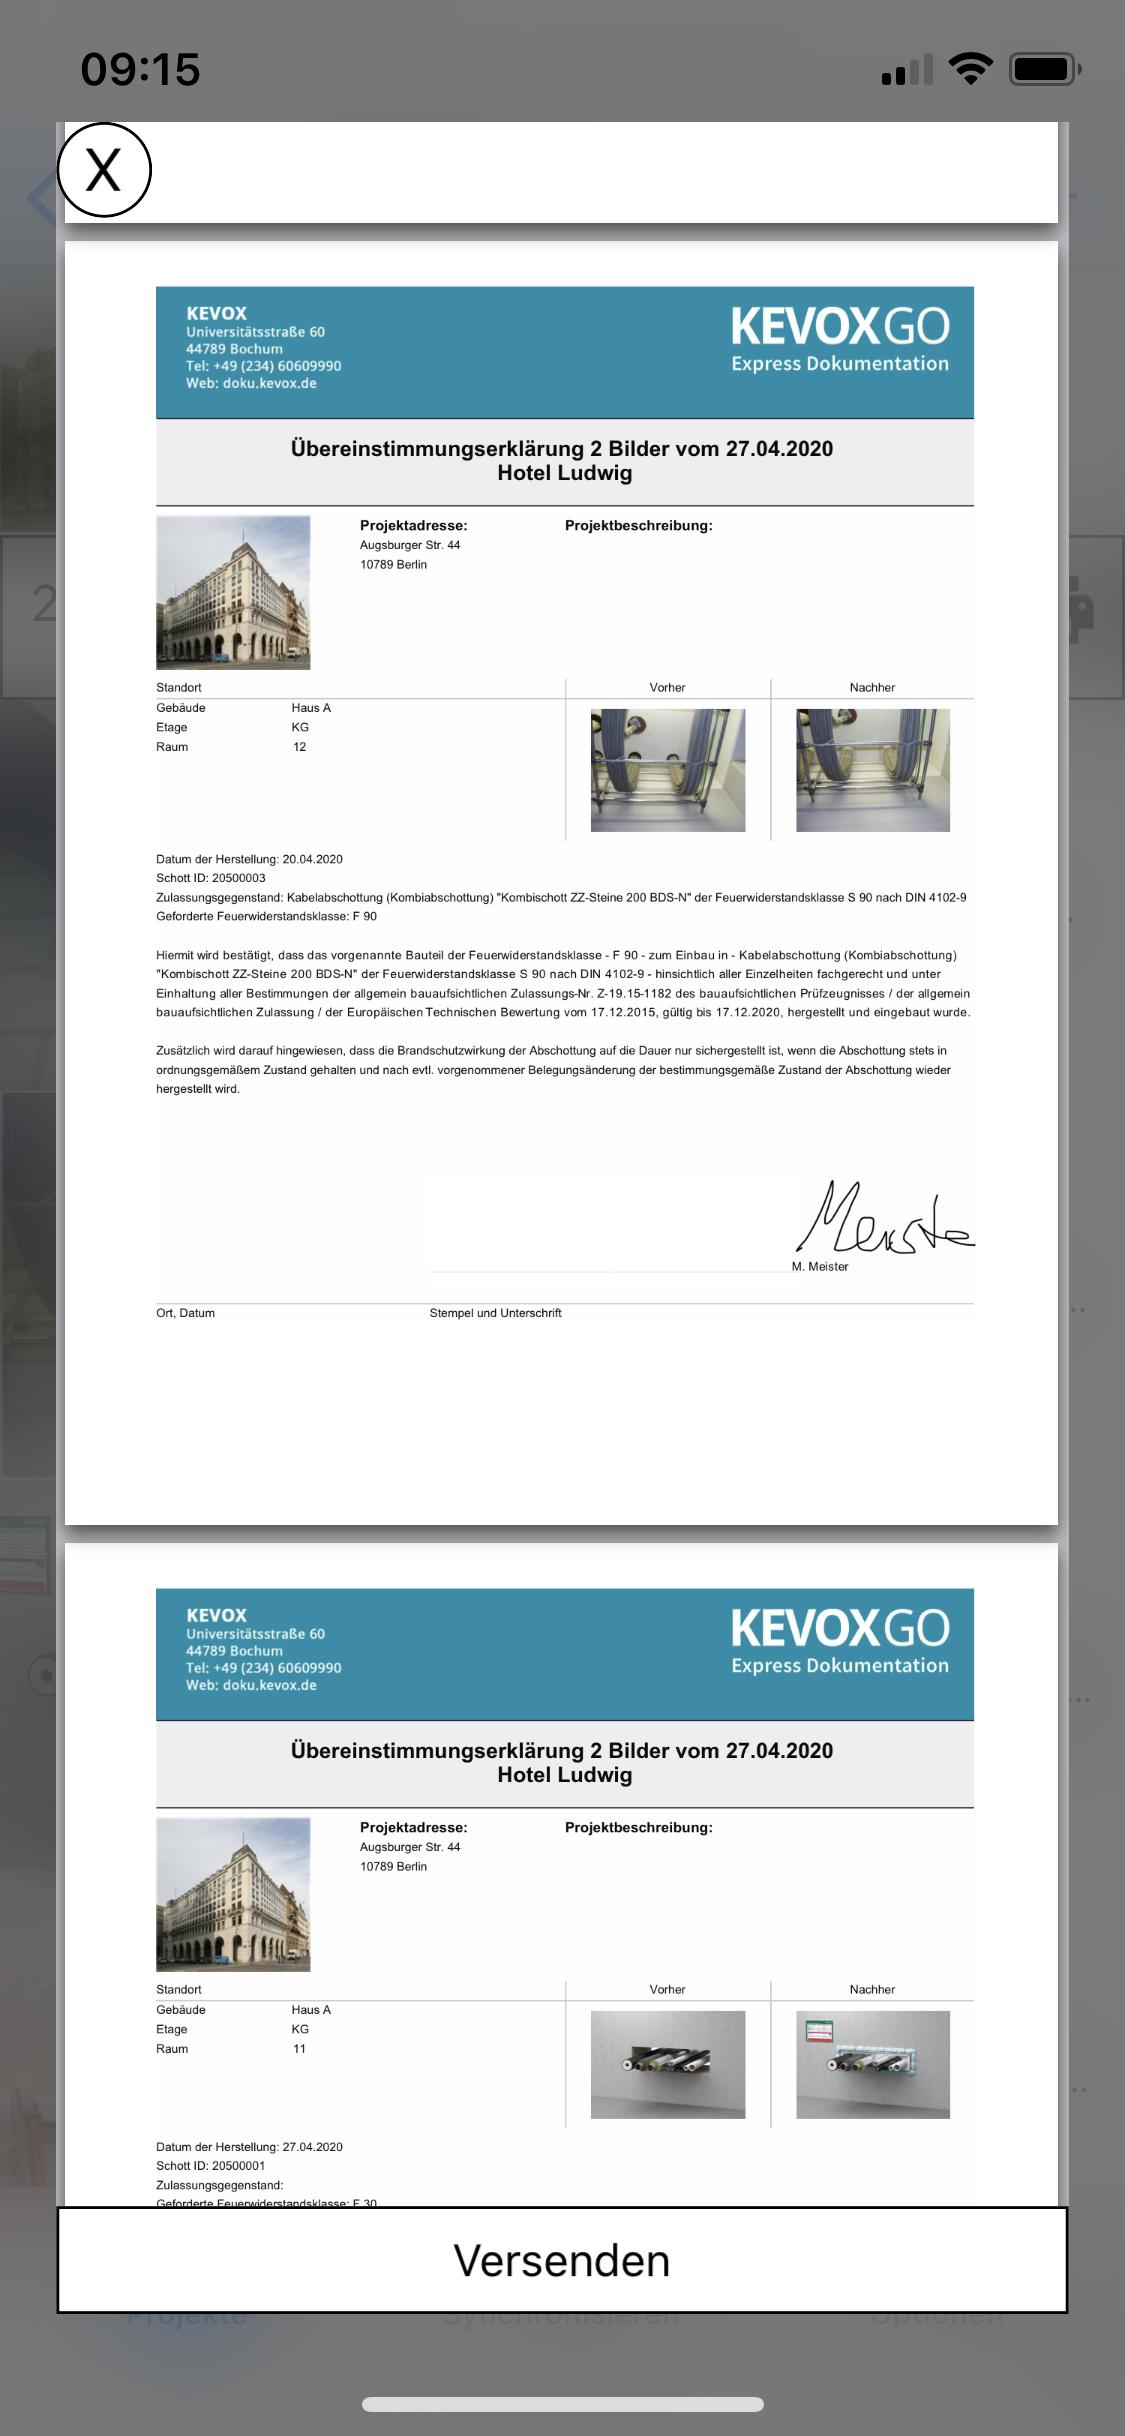 Abschottungen-Dokumentieren-uebereinstimmungserklaerung-handy